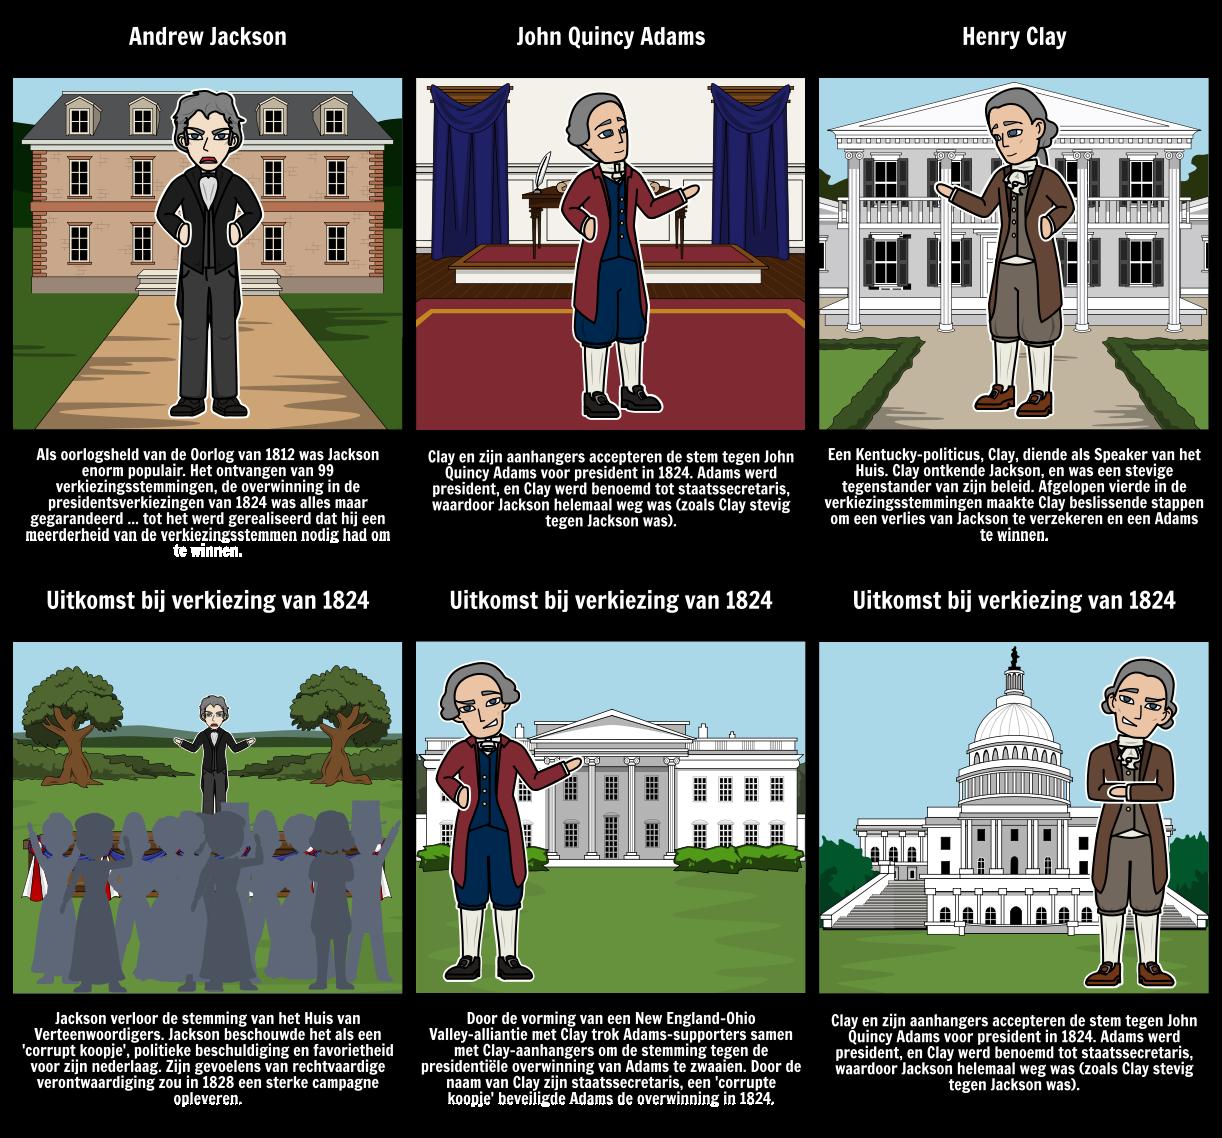 De verkiezing van 1824: een corrupte koopje